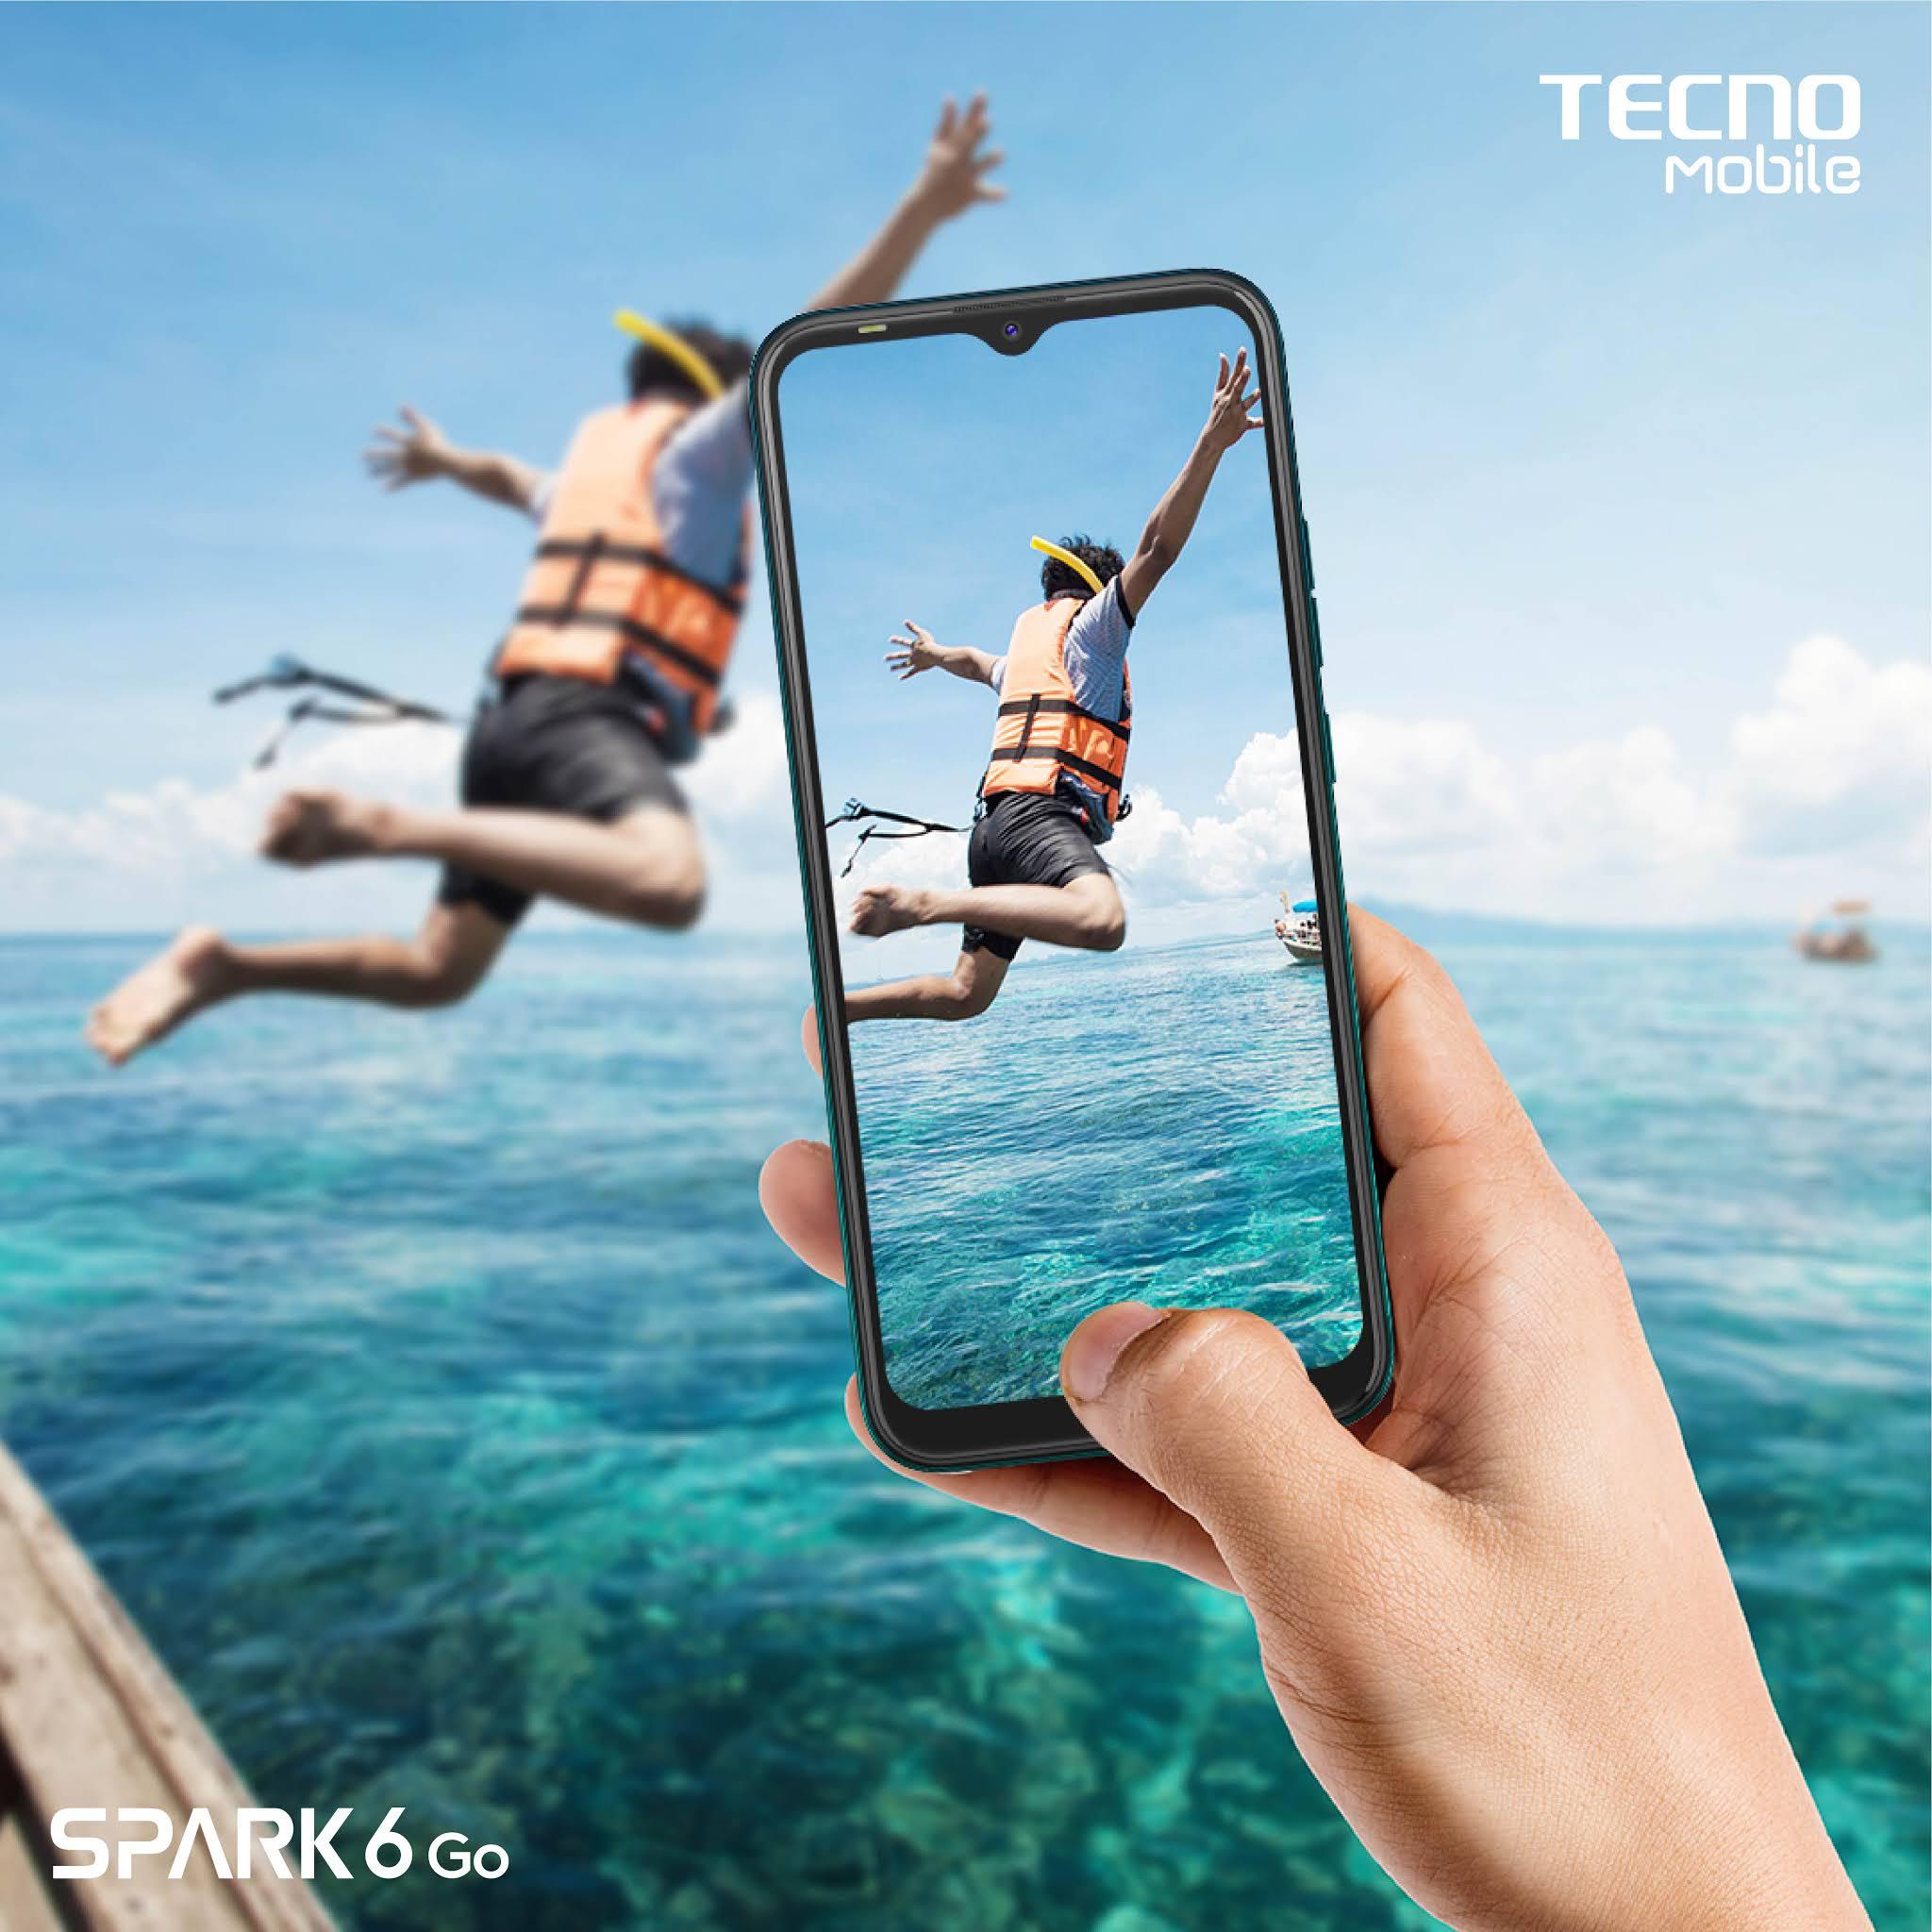 TECNO Mobile Sparks